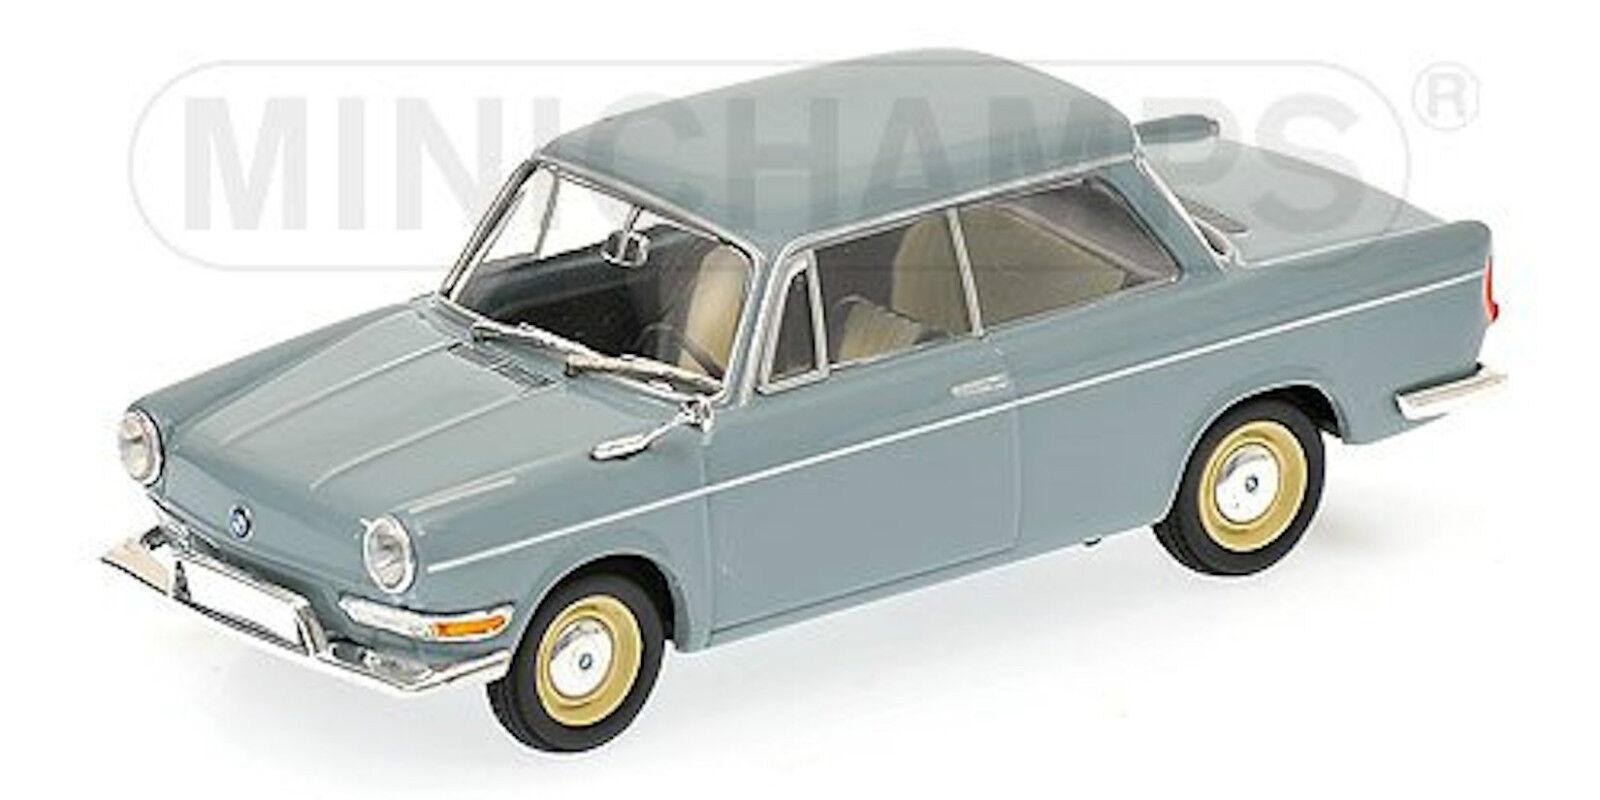 BMW 700 LS Limousine 1959-65 bleu bleu céramique bleu bleu bleu 1 43 Minichamps 785c74